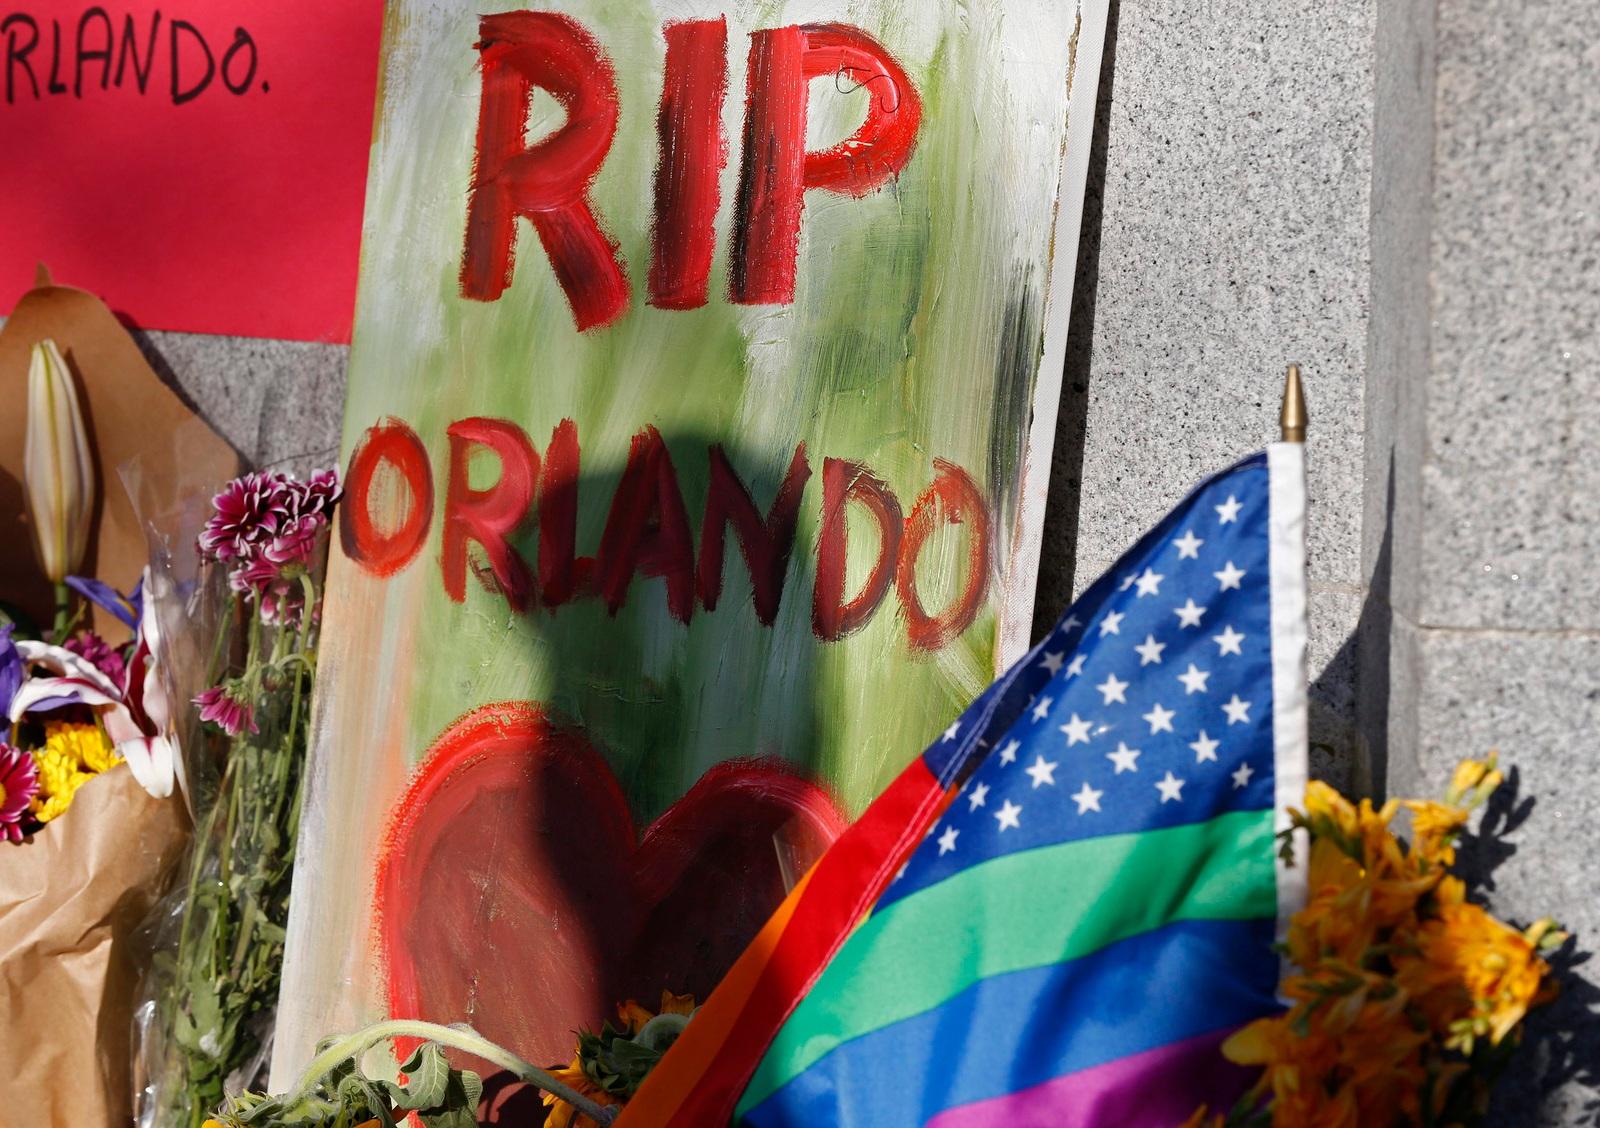 Kostenlose lesbische Dating-Seiten in florida Daten-13-jährigen Seiten